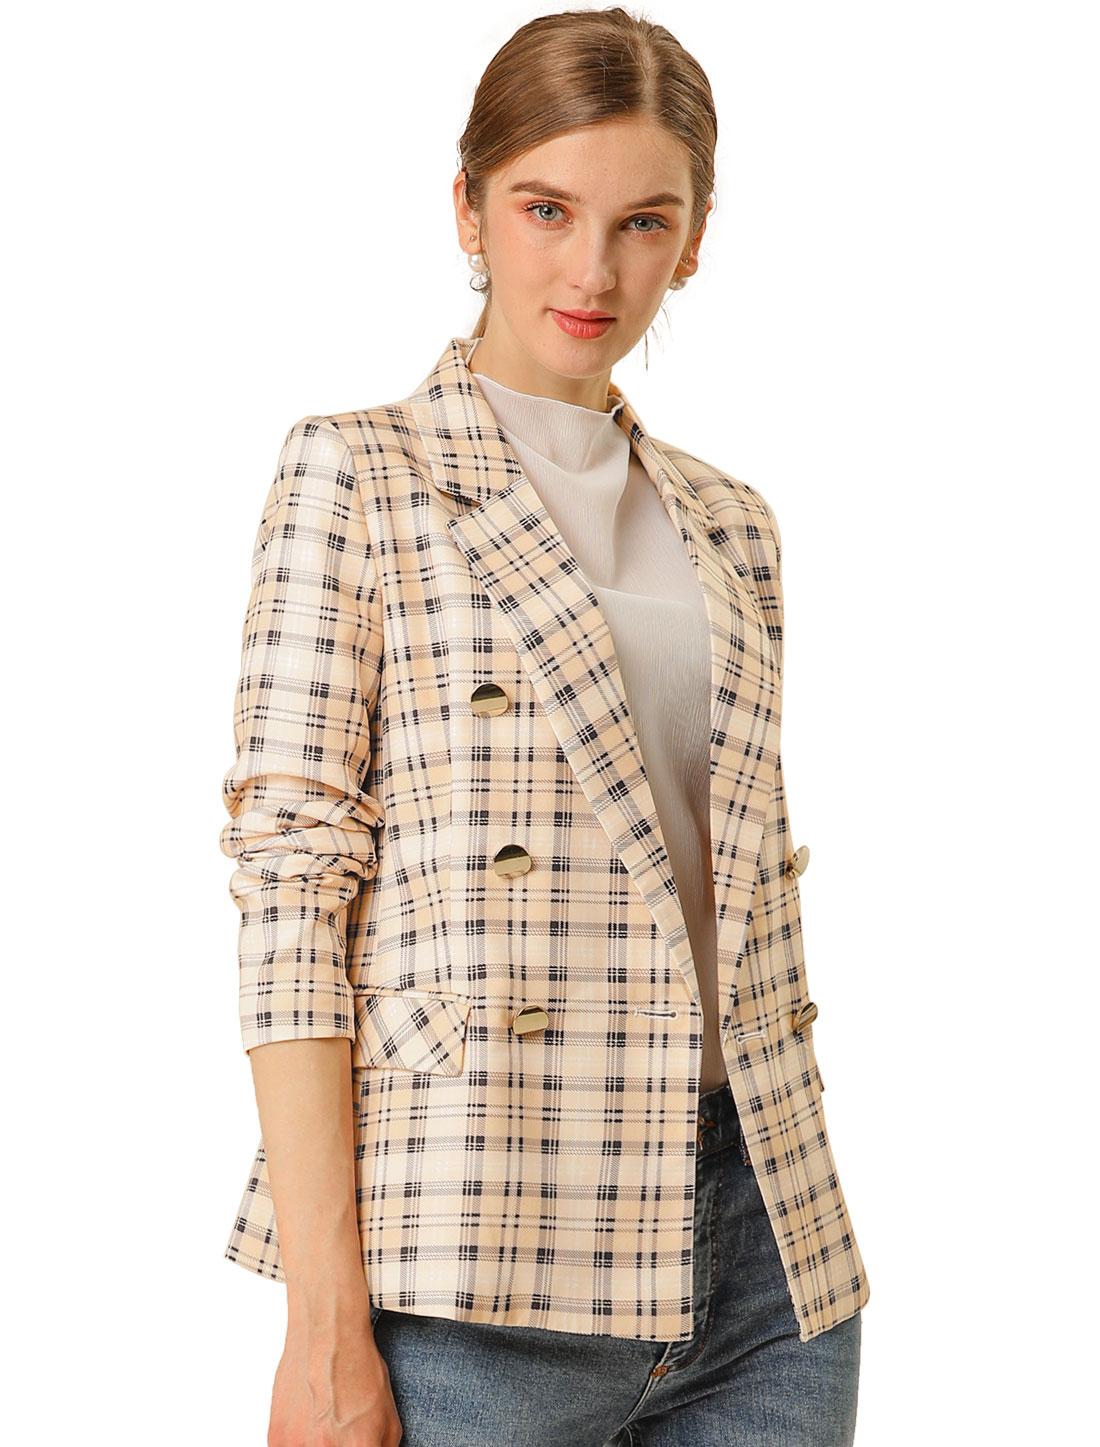 Allegra K Women Plaid Checks Outwear Blazer Jacket Pink Apricot L